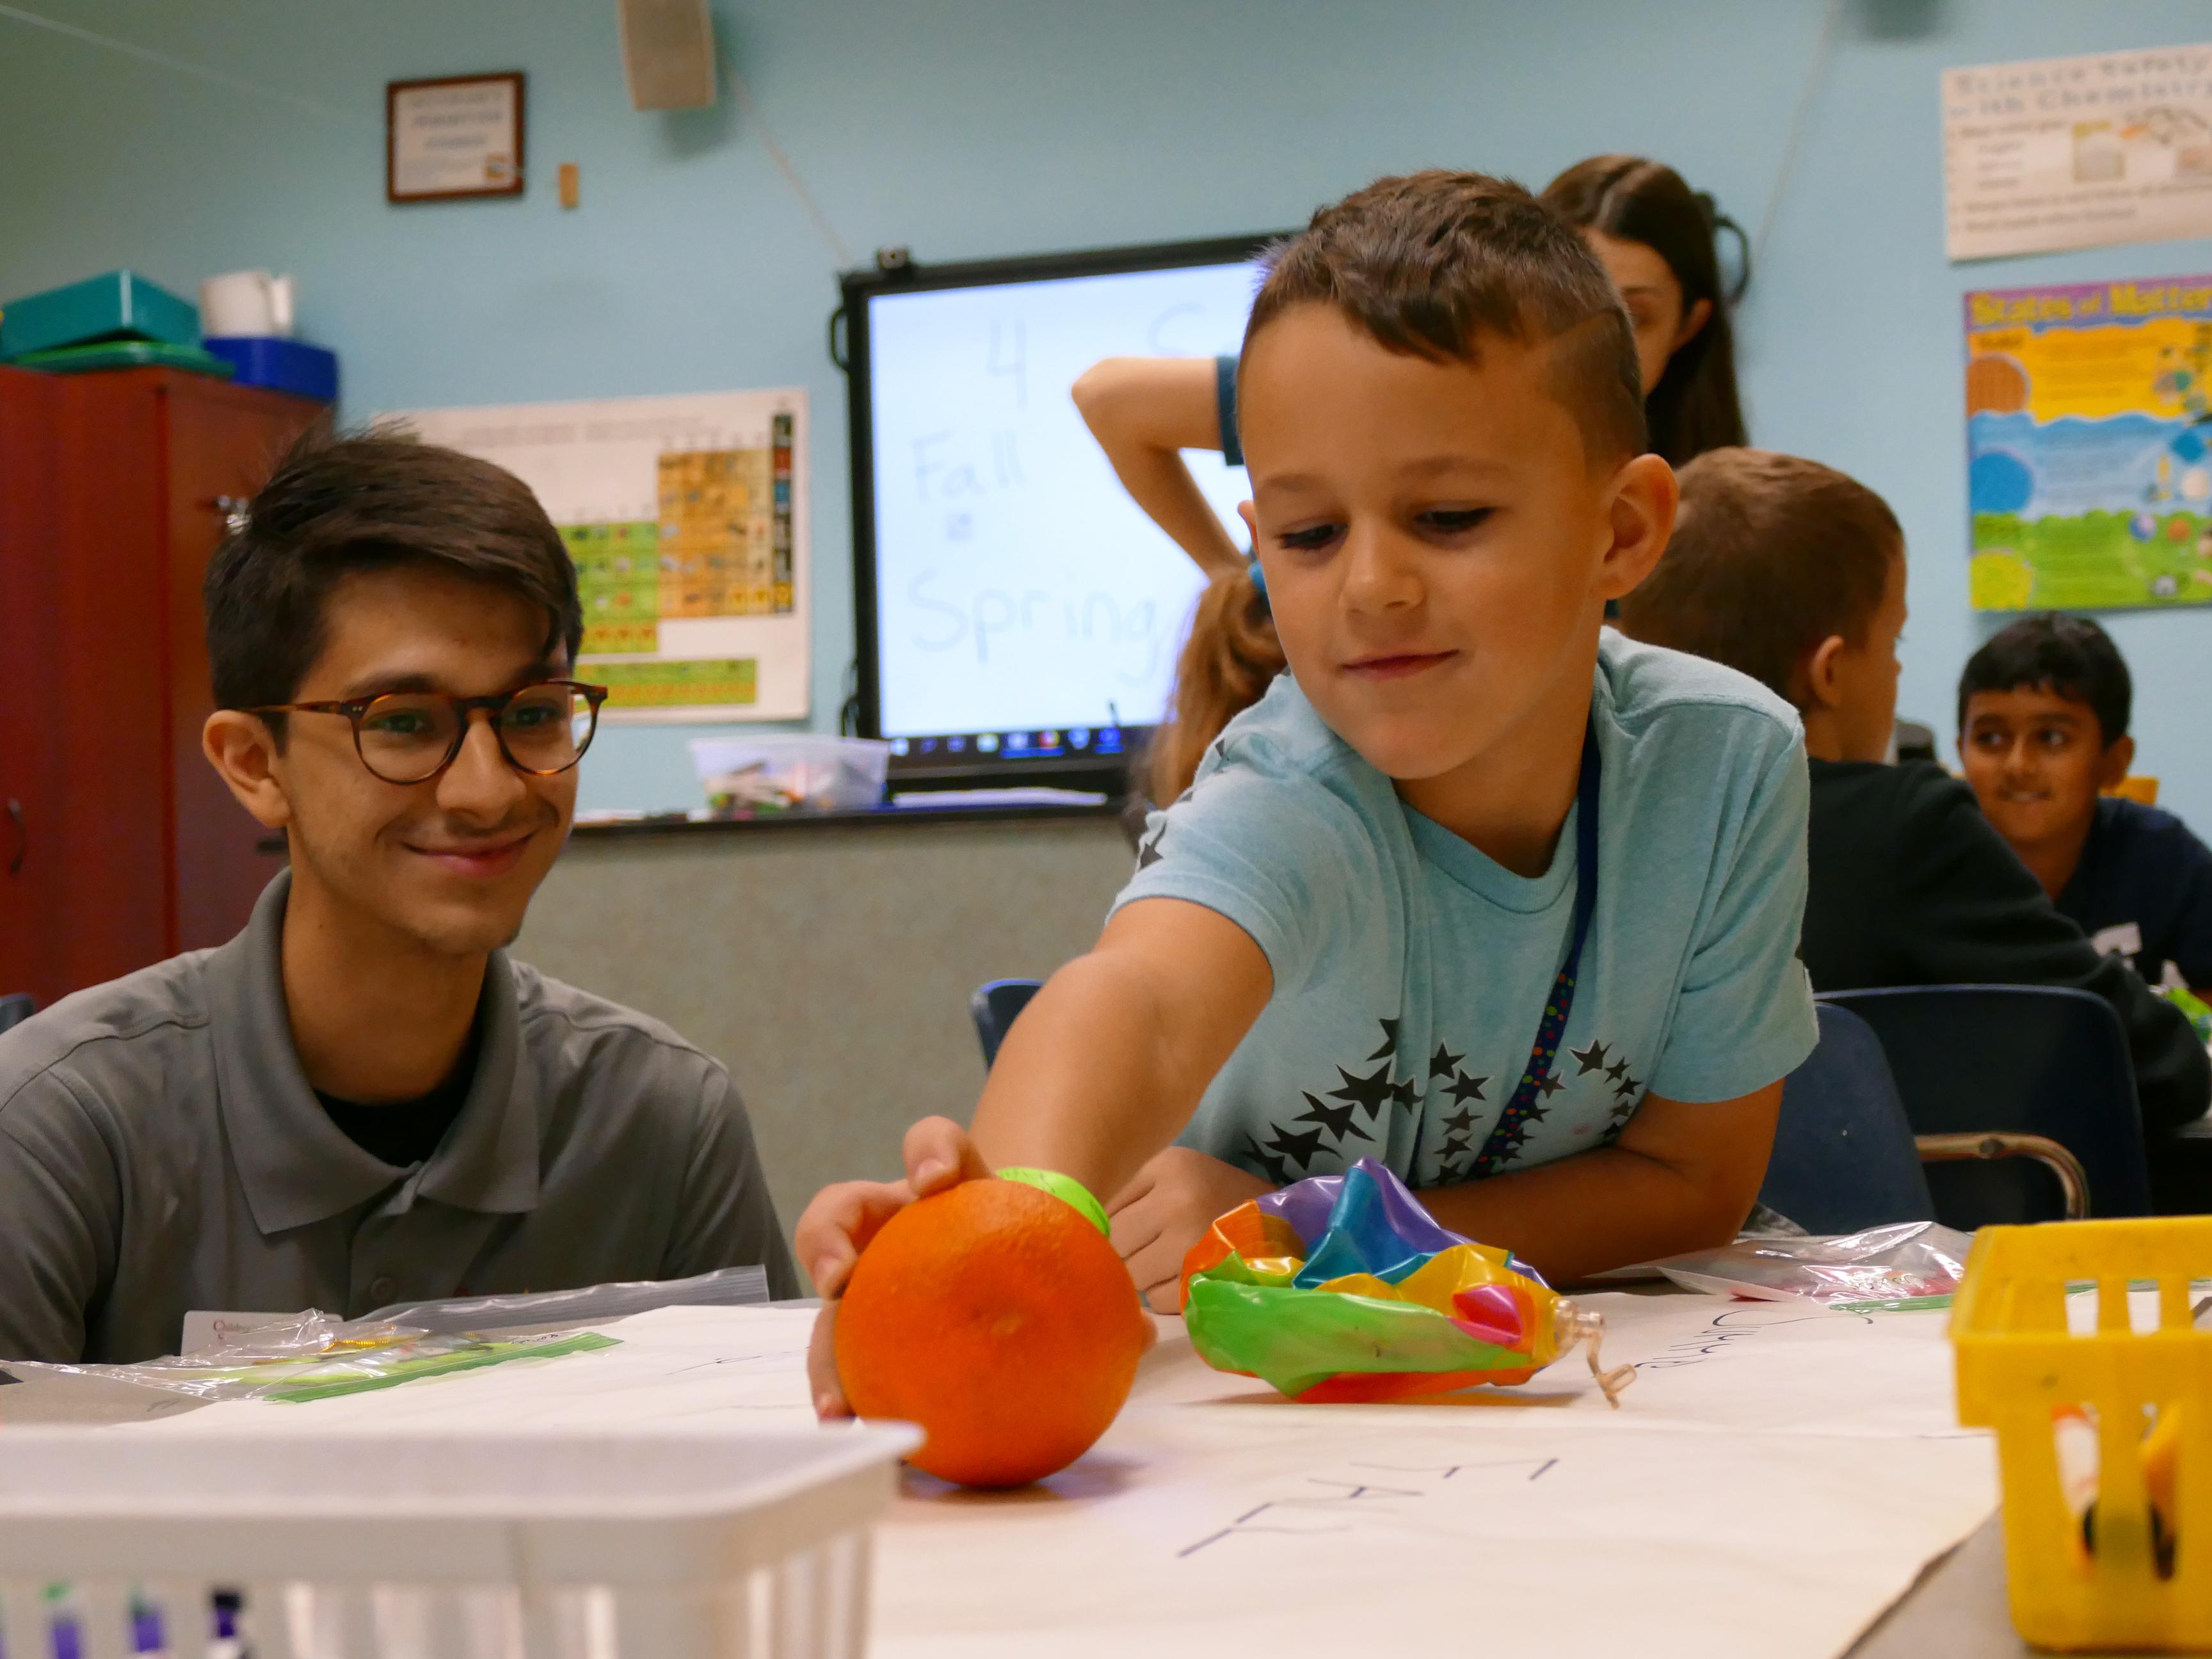 kid with orange